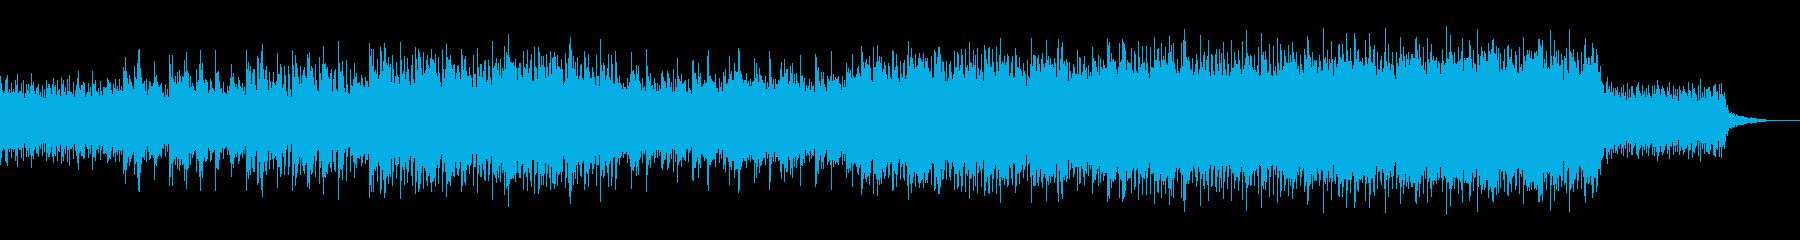 コンセプトムービー ロング 未来のCMの再生済みの波形